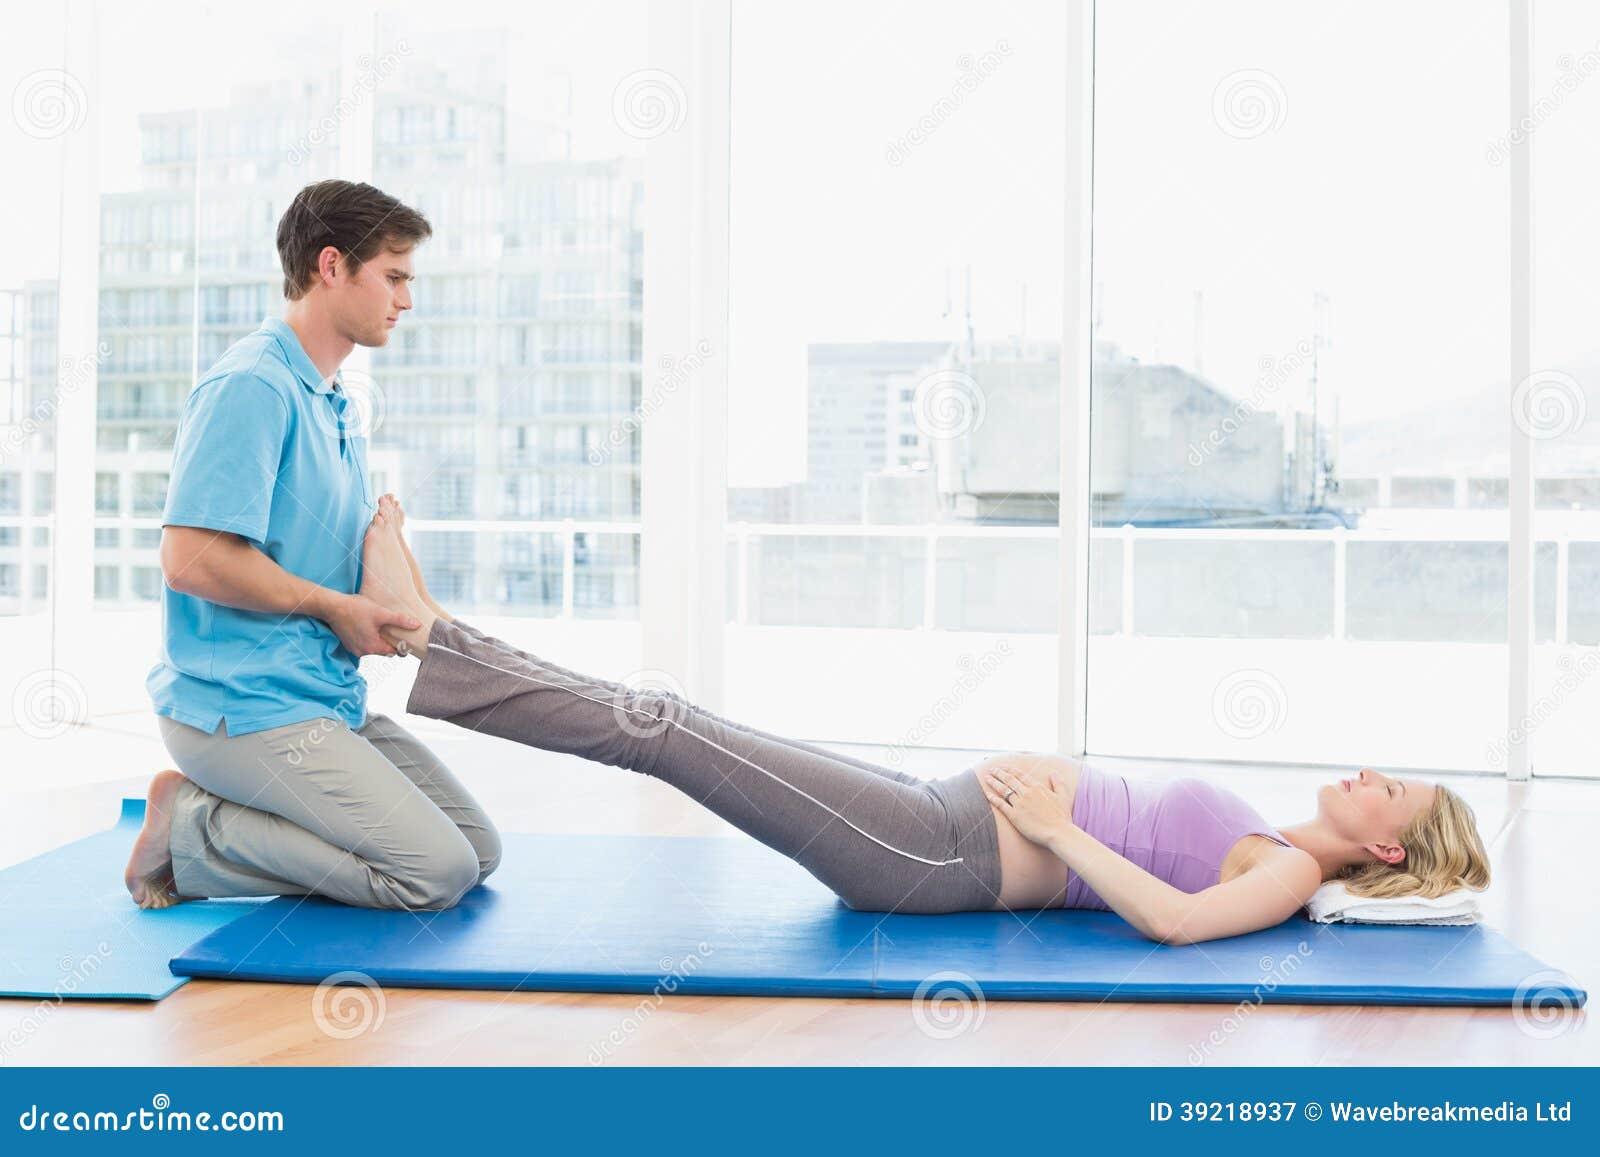 Упражнения для беременных при варикозе в паху